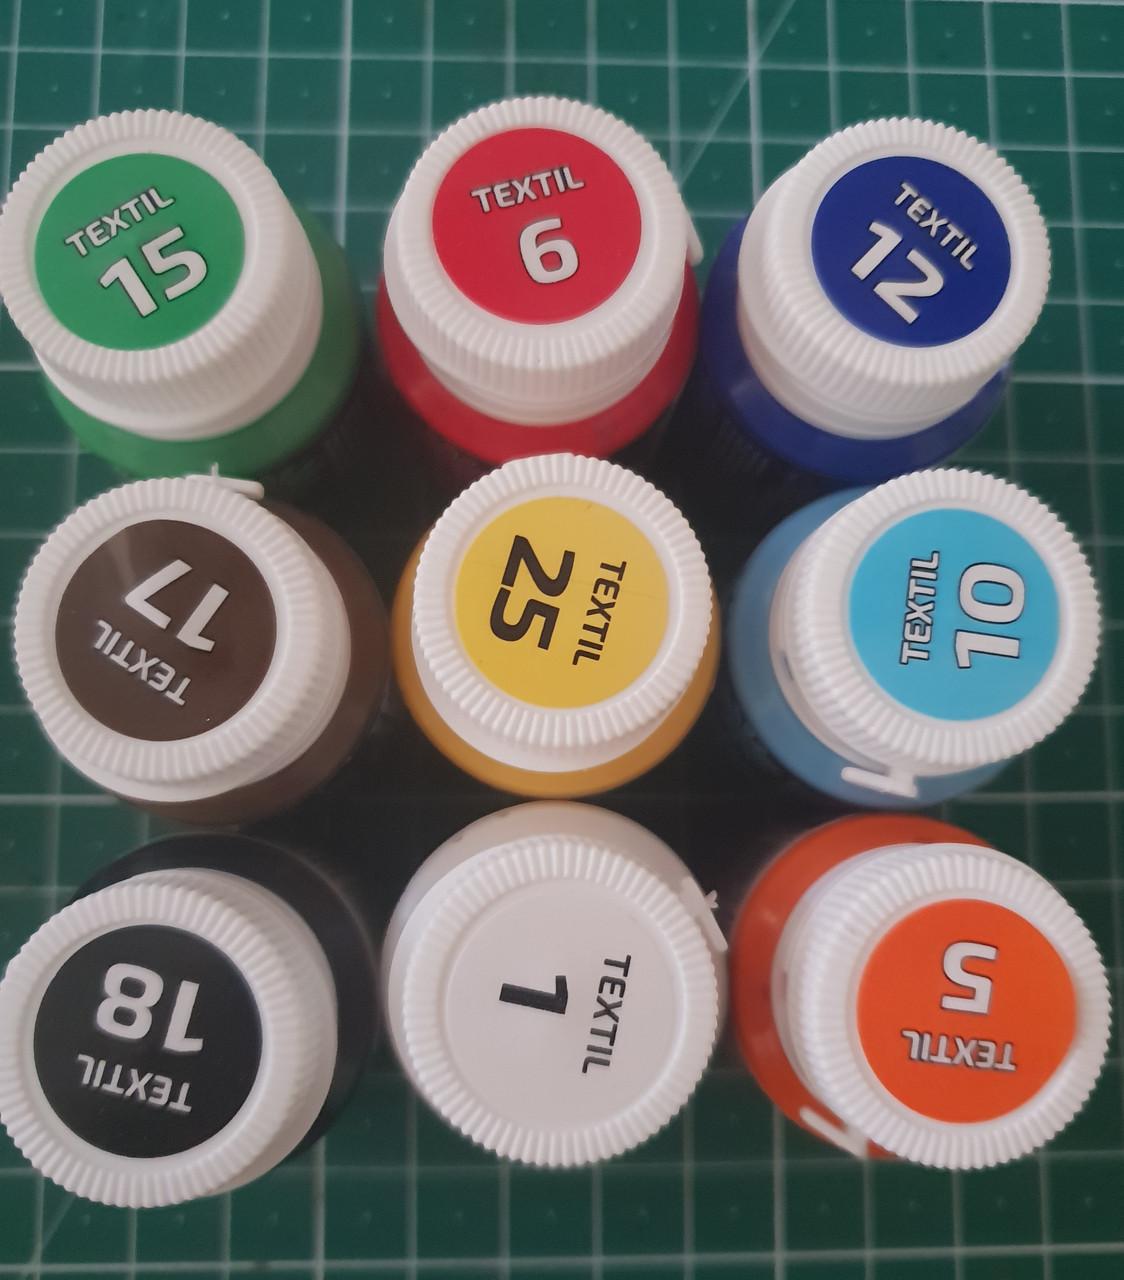 Набор красок акриловых для росписи ткани, Rosa Talent, 20 ml. 9 штук